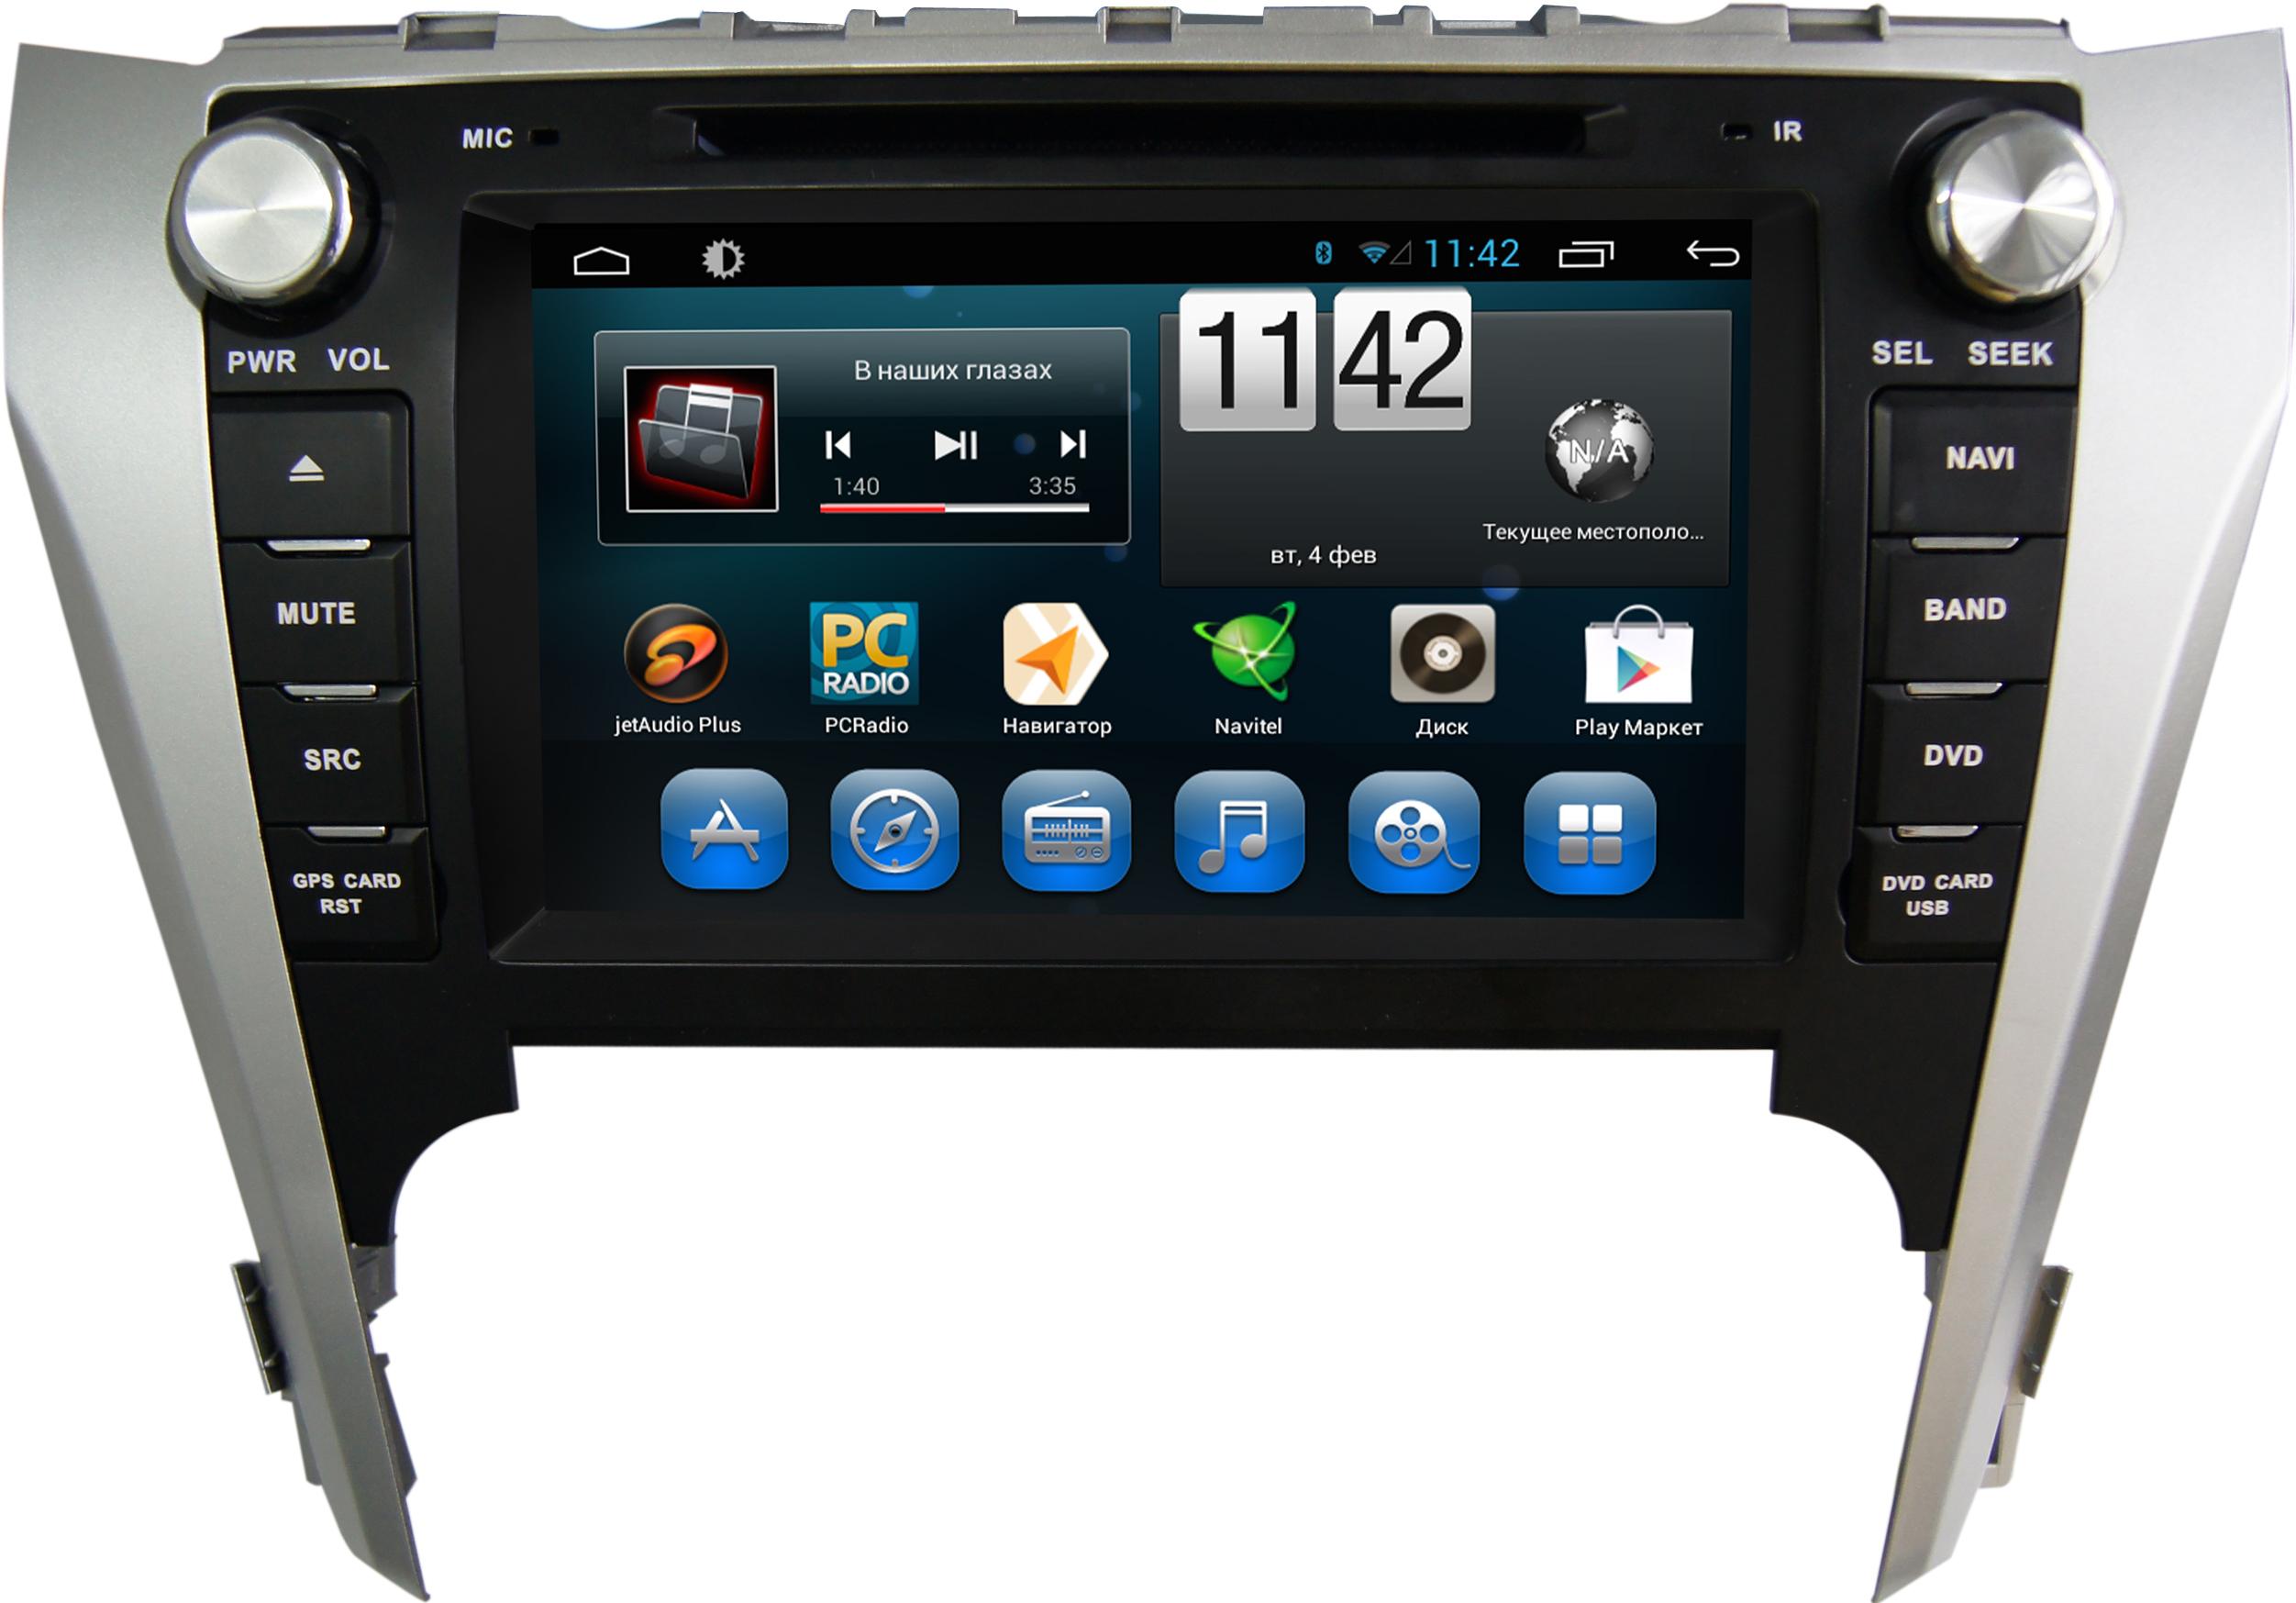 Штатная магнитола CARMEDIA QR-8010-T8 Toyota Camry 2011-2014 (V50) поддержка штатного усилителя и настроек машины на OC Android 7.1.2 / 8.1 штатная магнитола carmedia kr 9005 t8 toyota camry v55 2014 2017 android 7 1 2